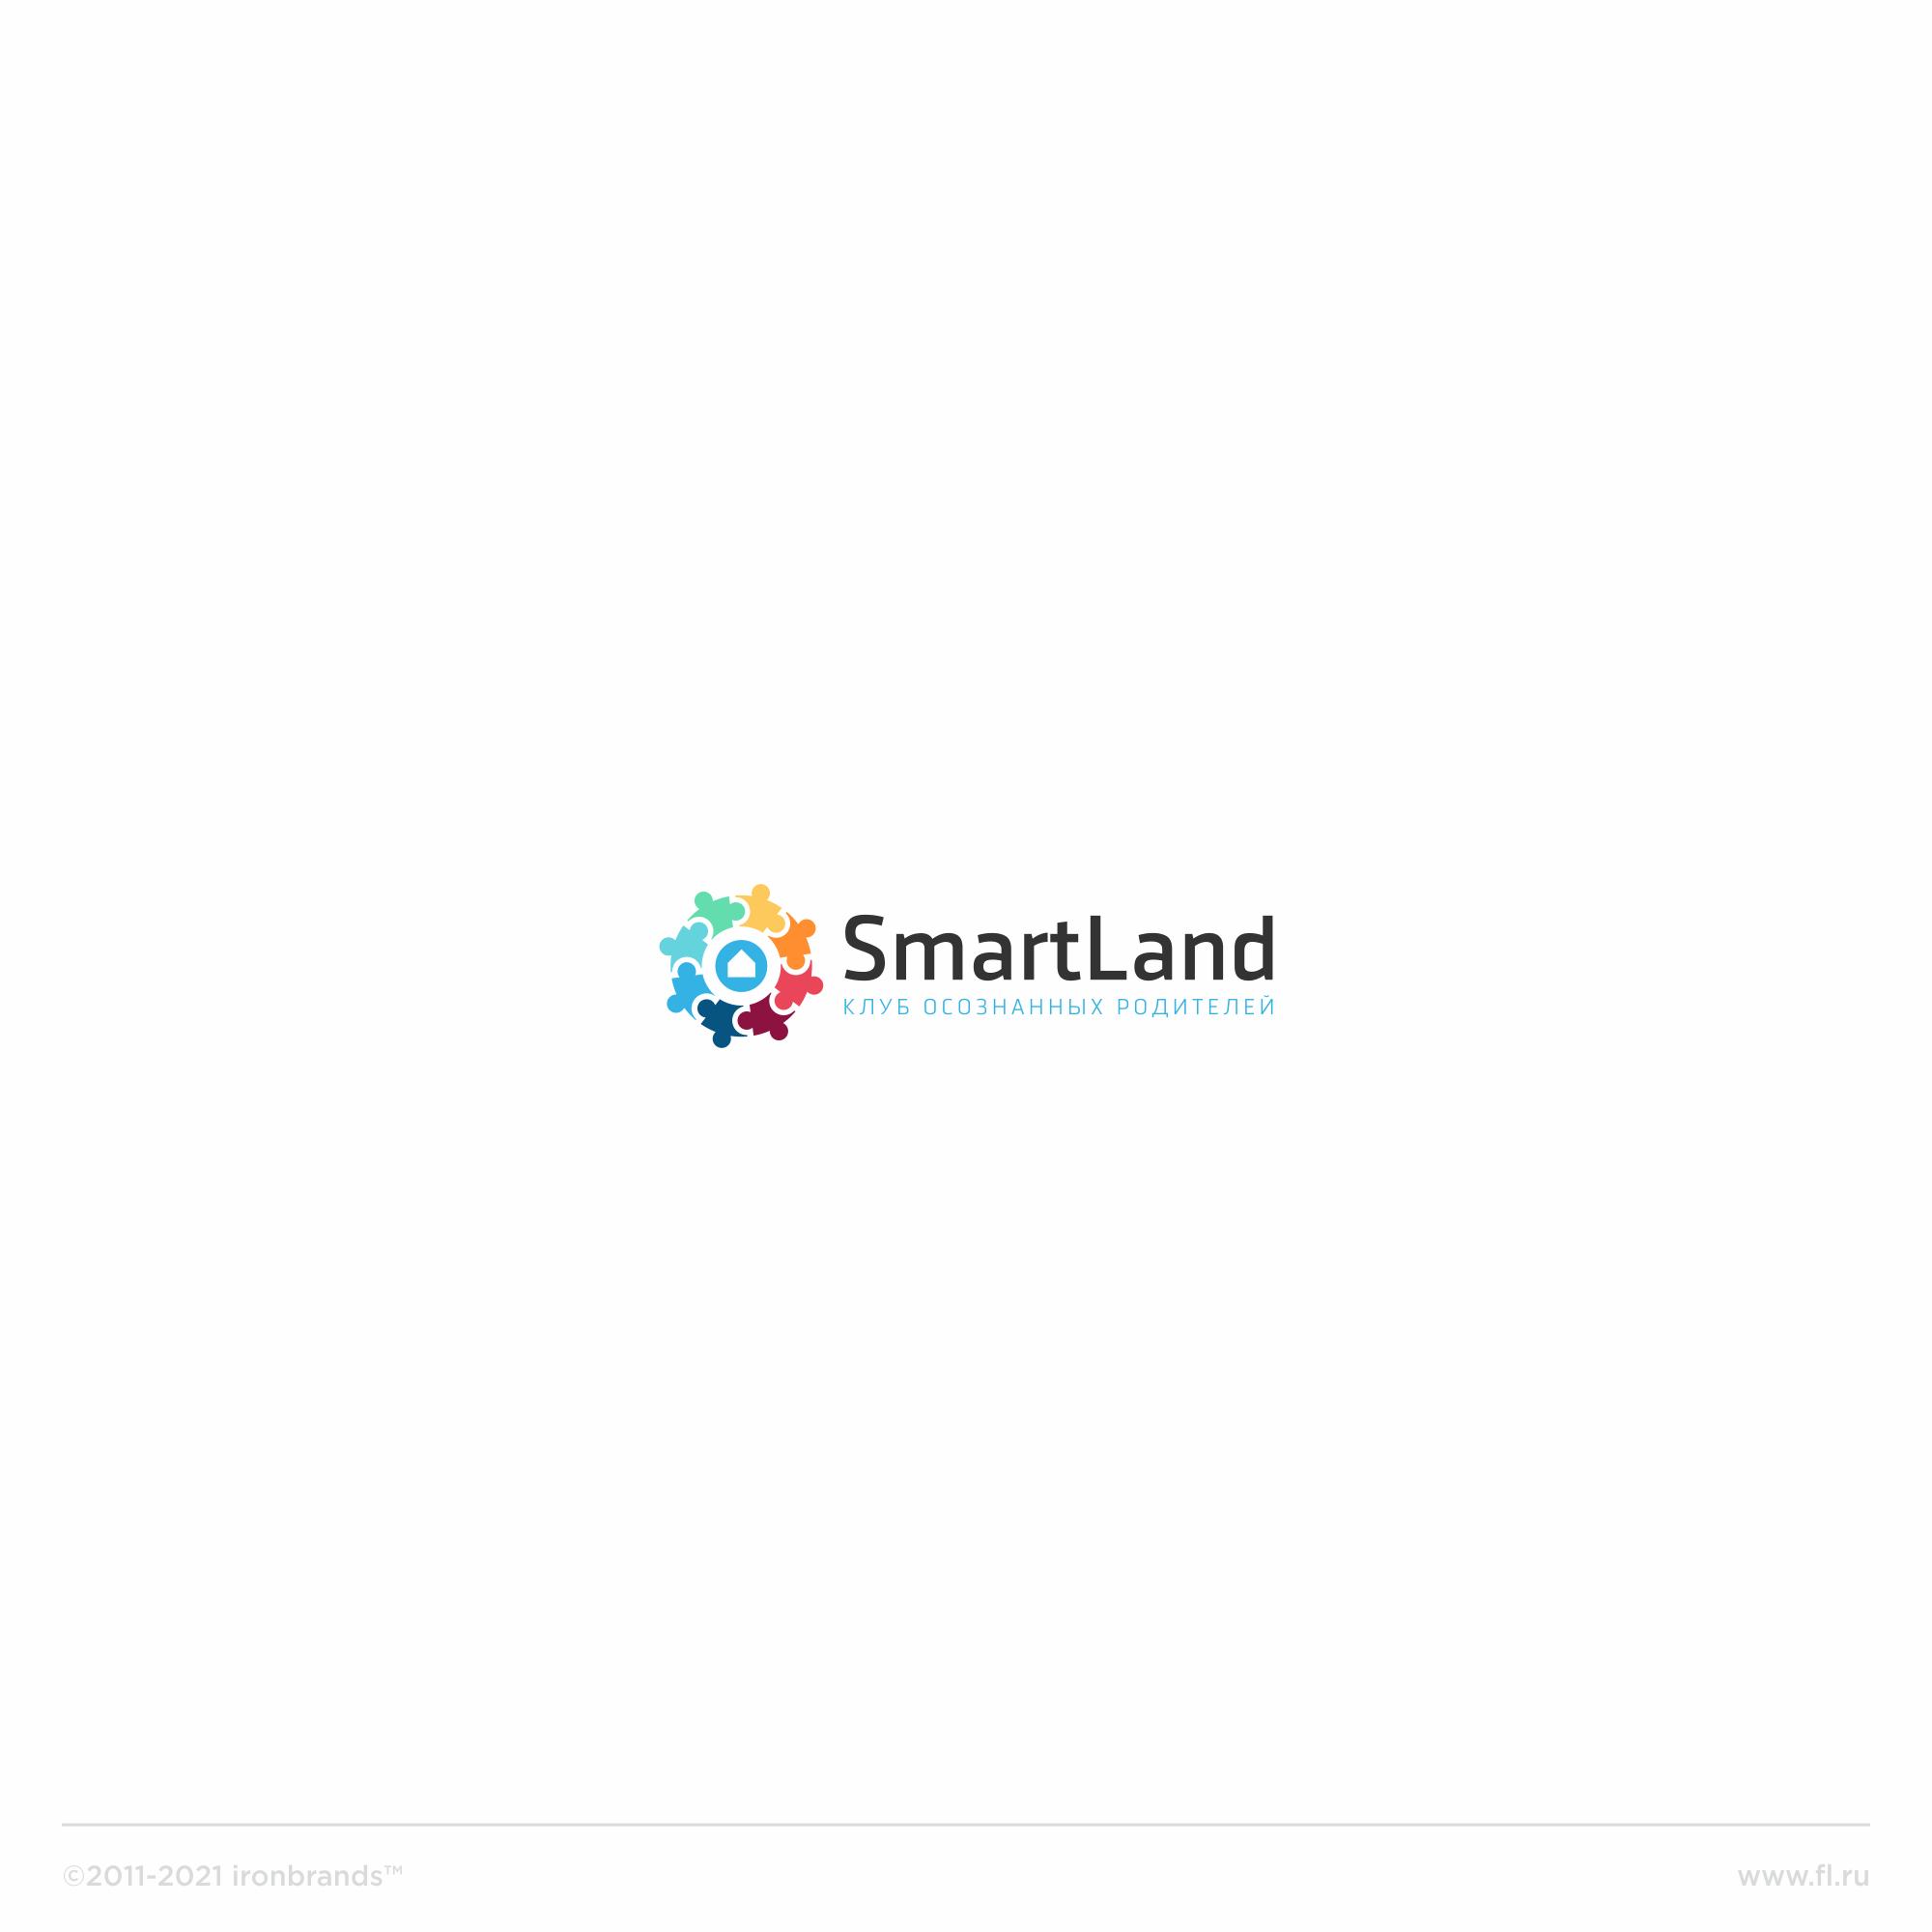 Разработать логотип для детской образовательной платформы фото f_260607dcd22e4601.jpg